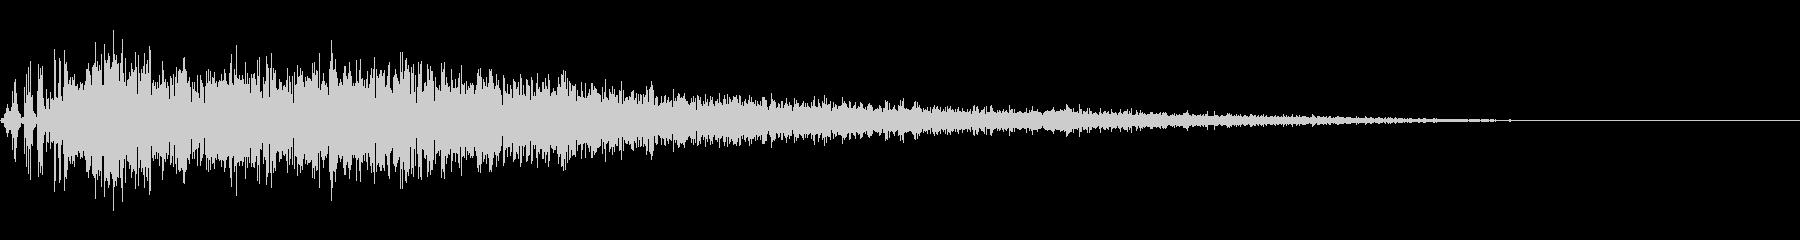 激しい魔法攻撃音 (爆発・必殺技)の未再生の波形